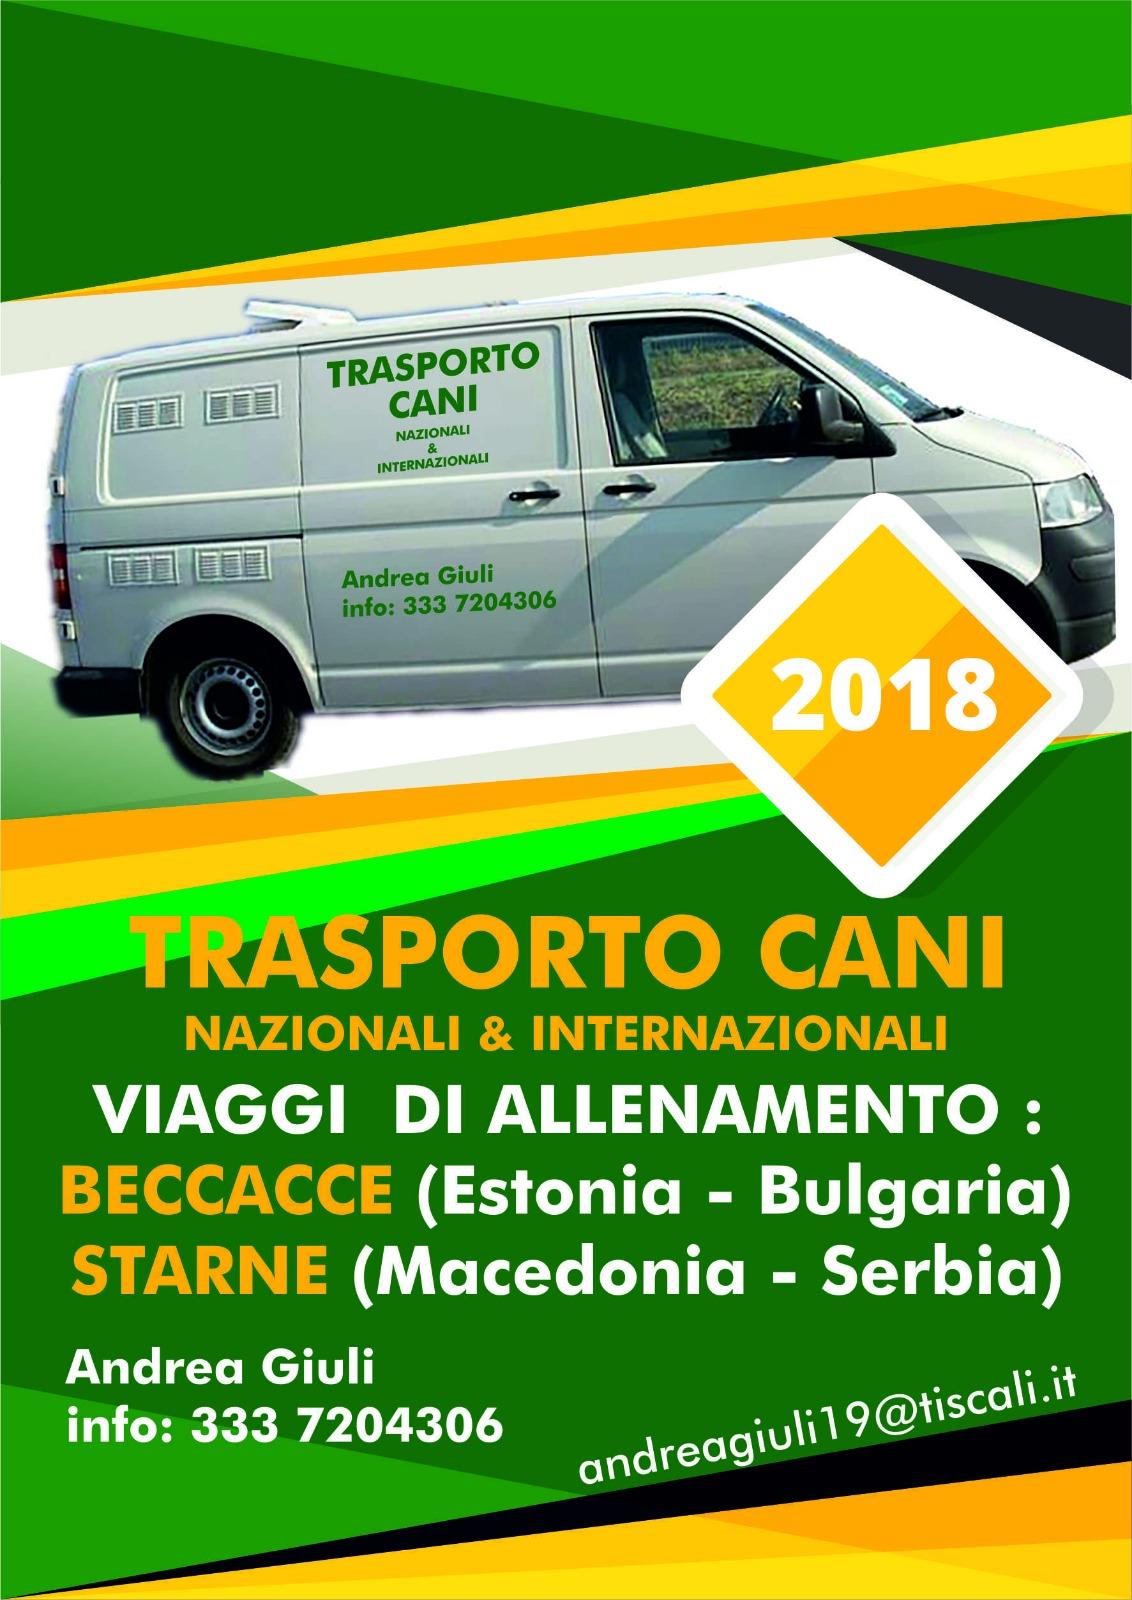 Trasporto Cani Andrea Giuli